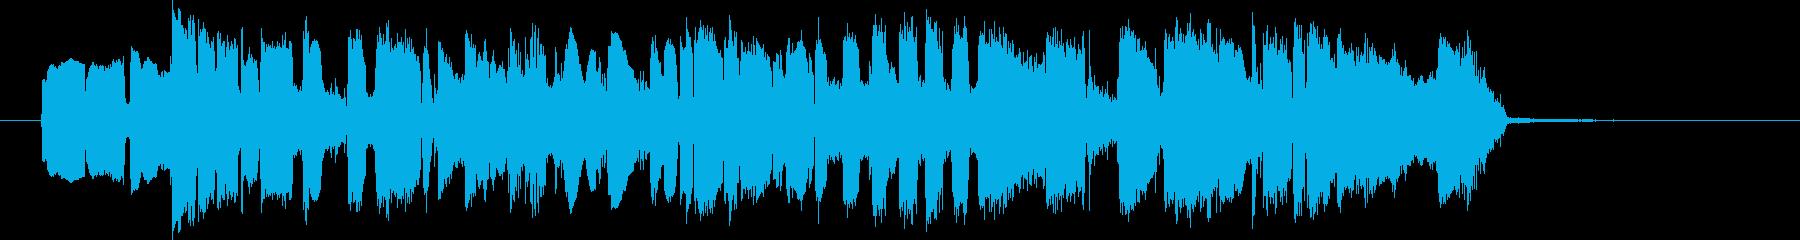 生エレキギター、調子いいブルースジングルの再生済みの波形